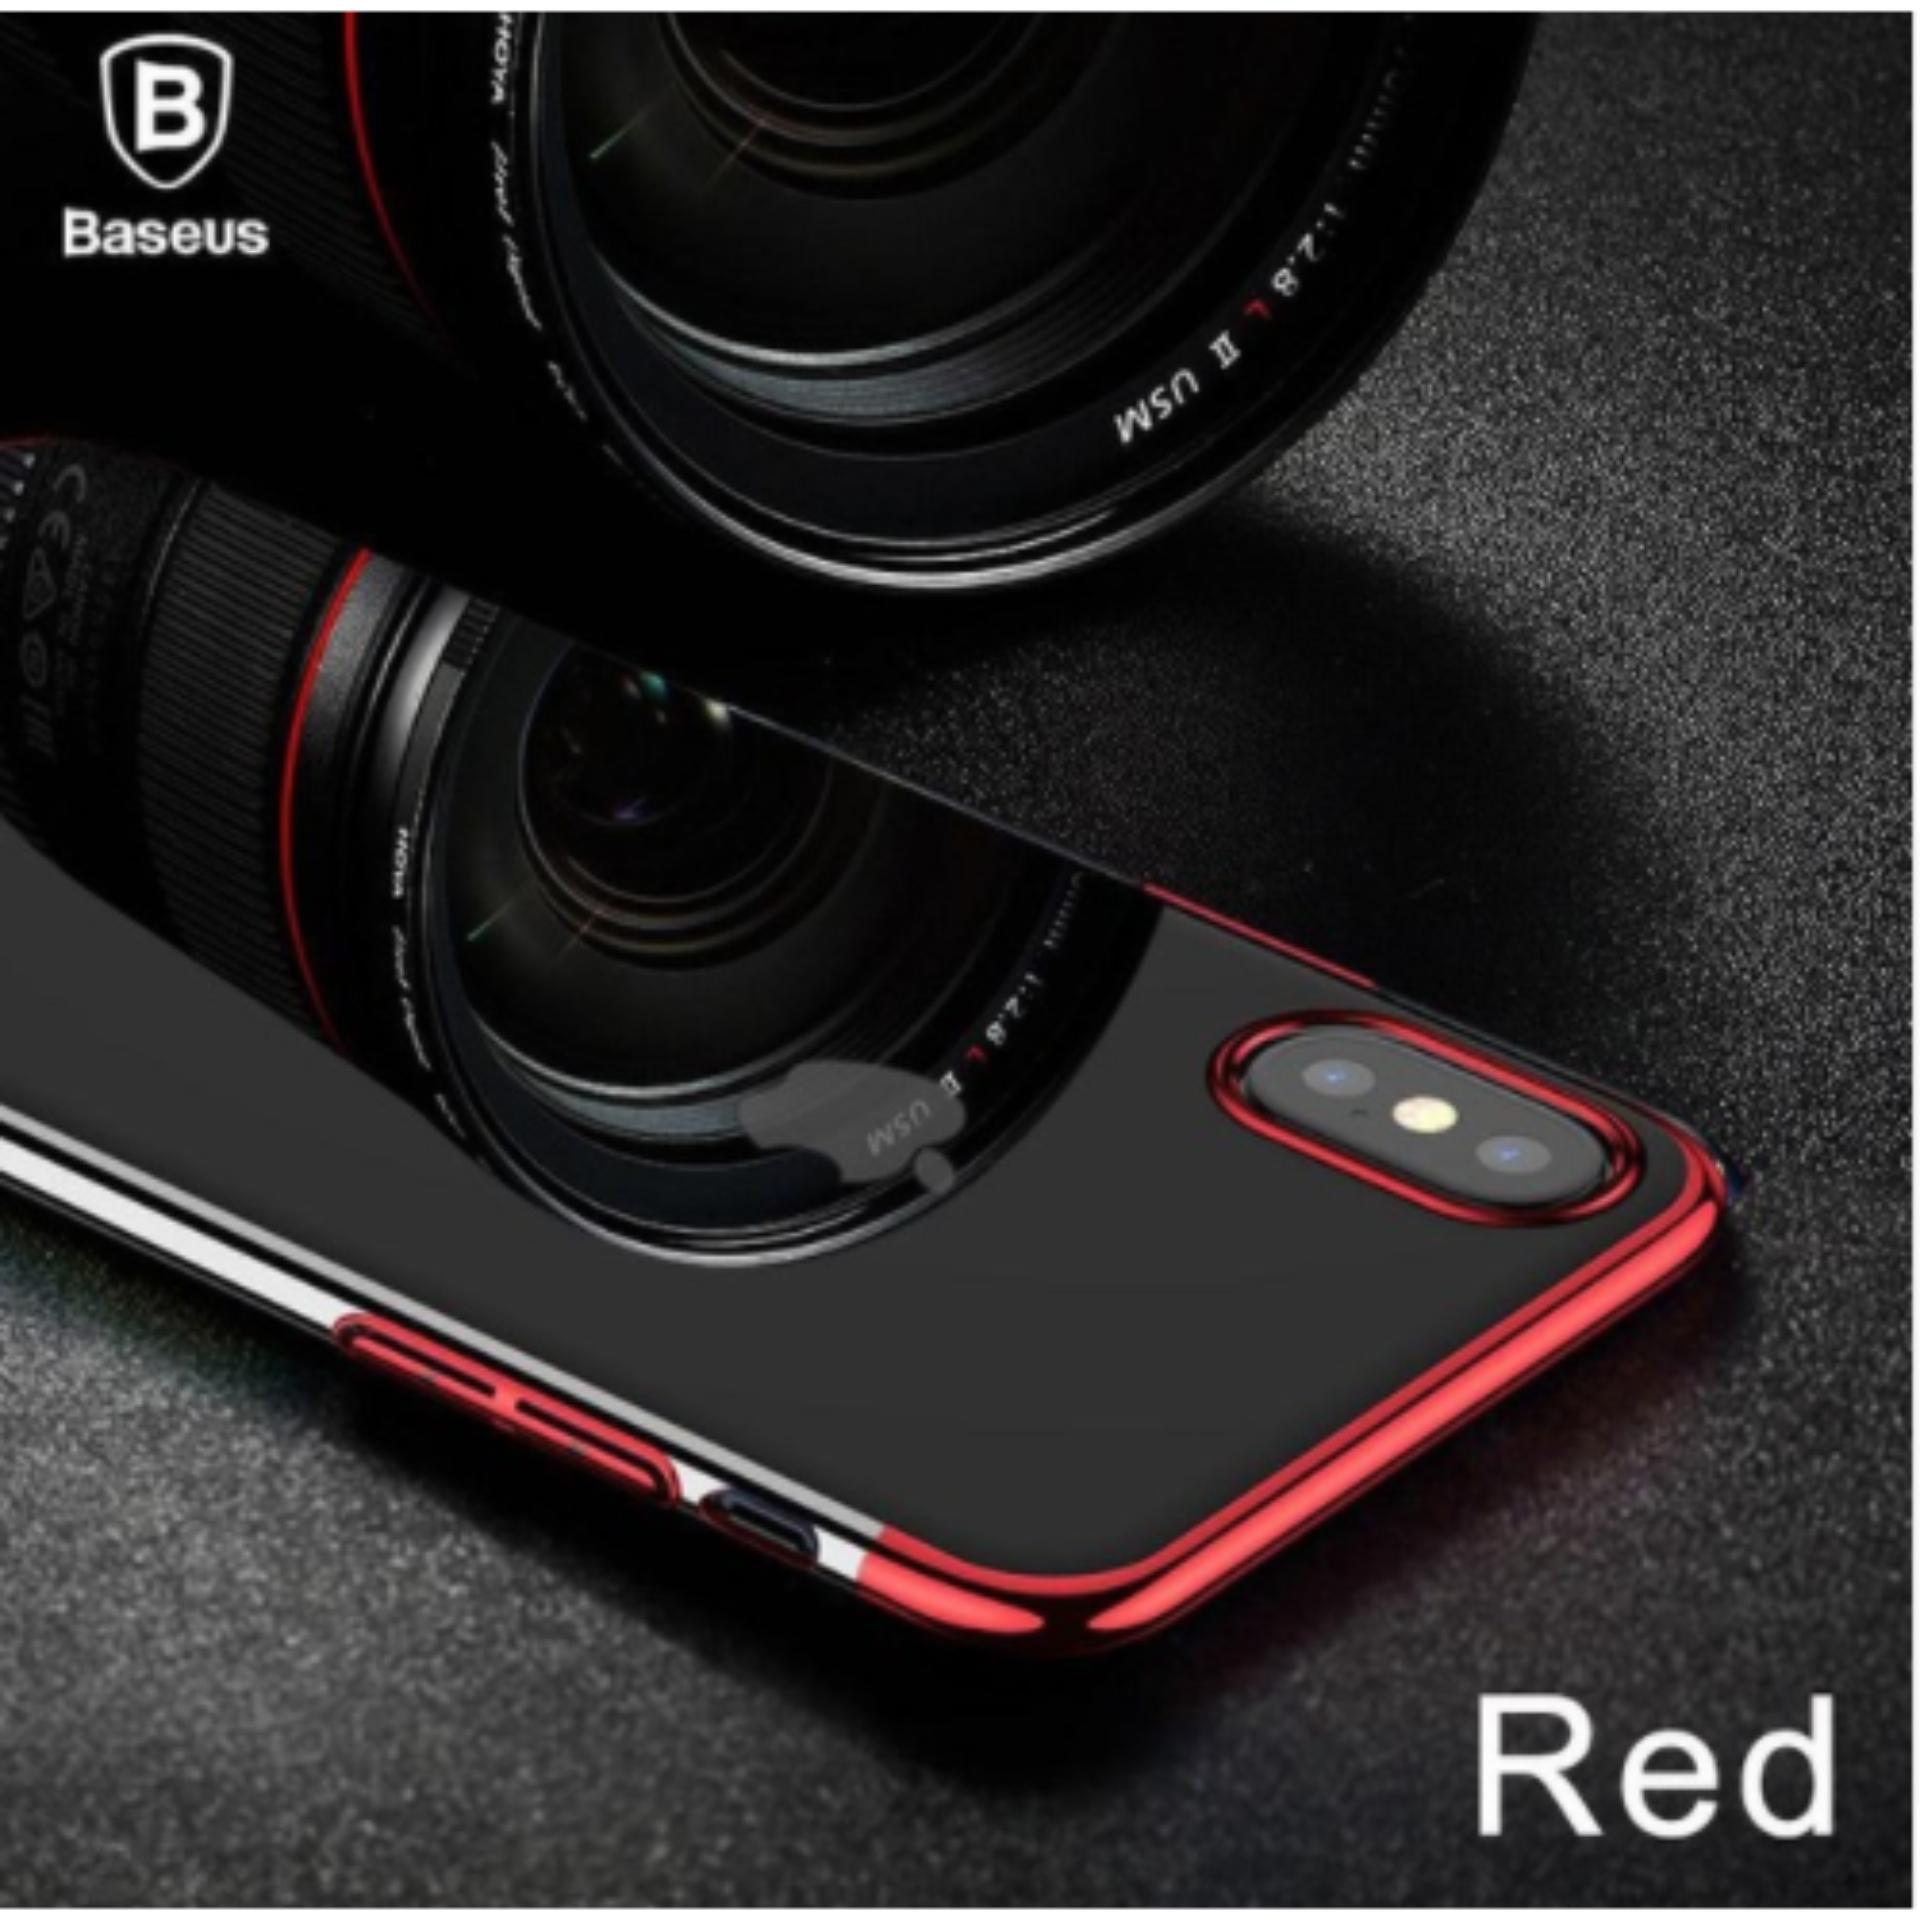 Giá Bán Ốp Lưng Glitter Cho Iphone X Hiệu Baseus Viền Mau Baseus Nguyên